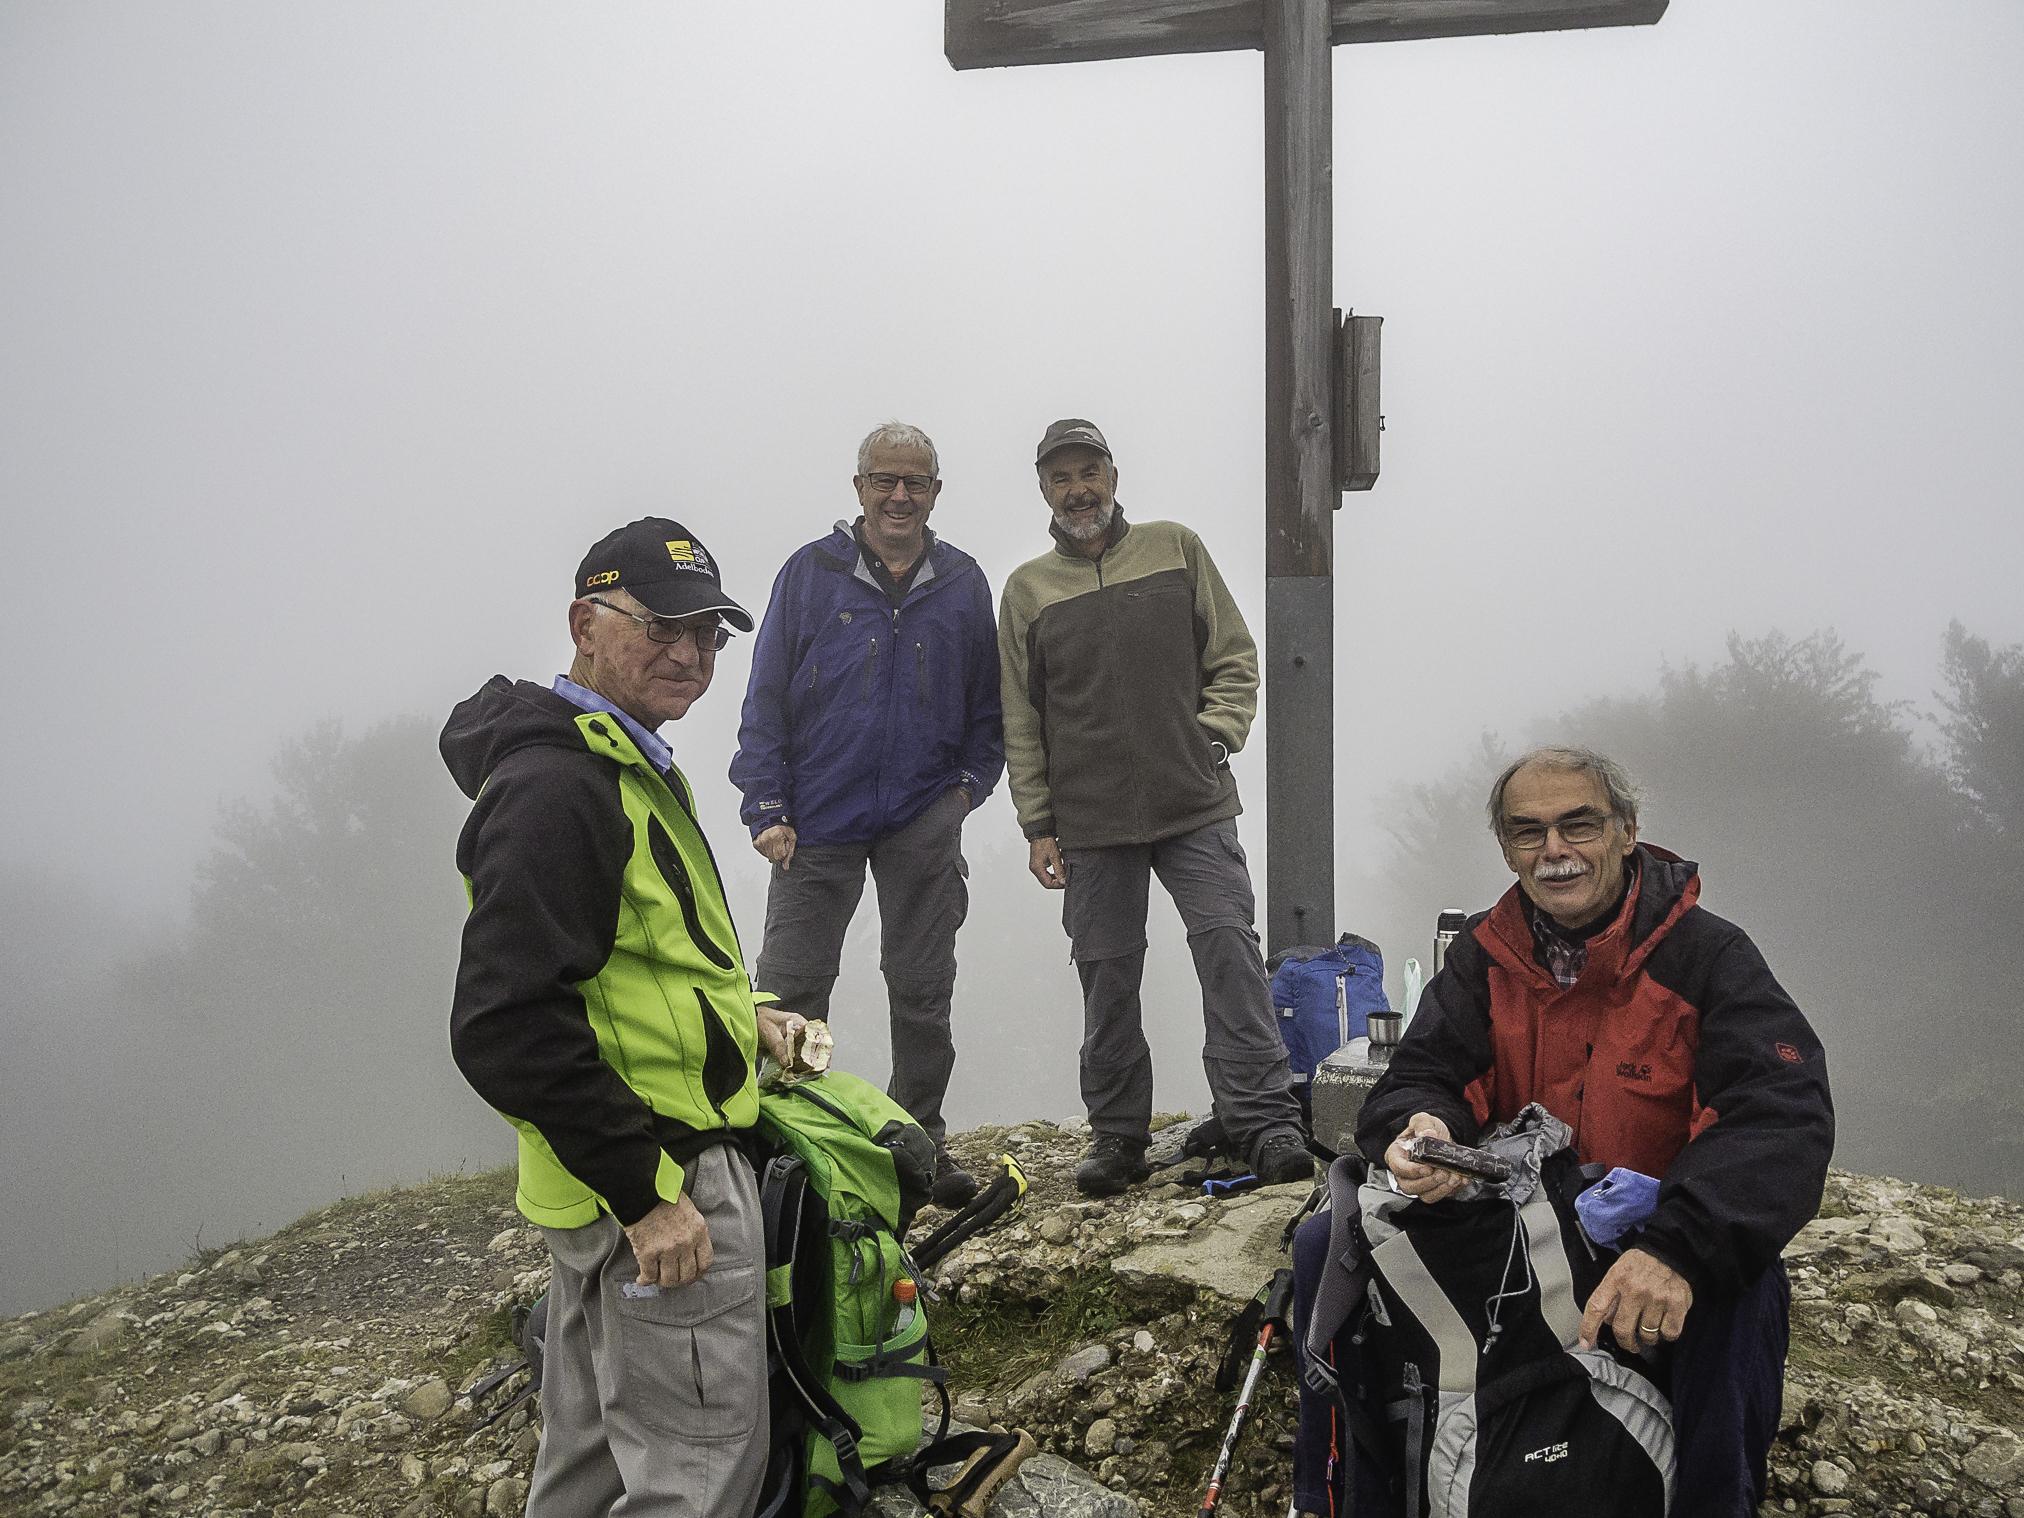 Entlang des Toggenburger Höhenweges